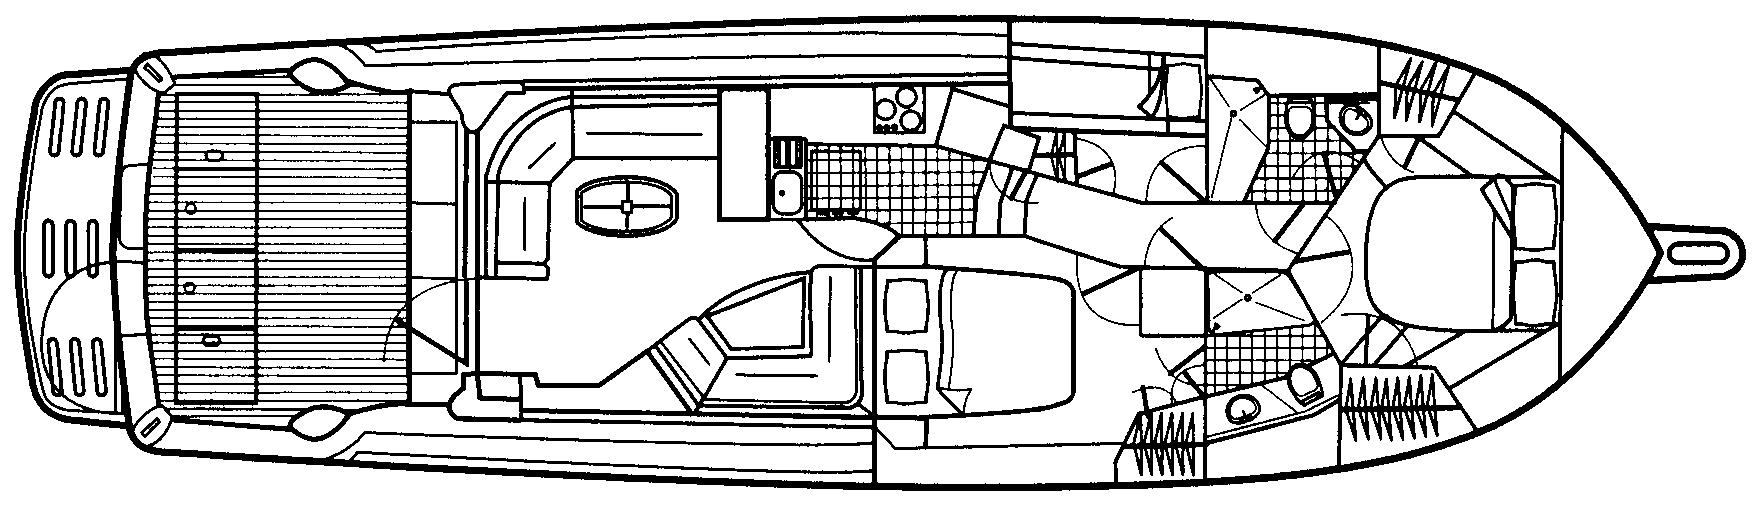 51 Convertible Floor Plan 1